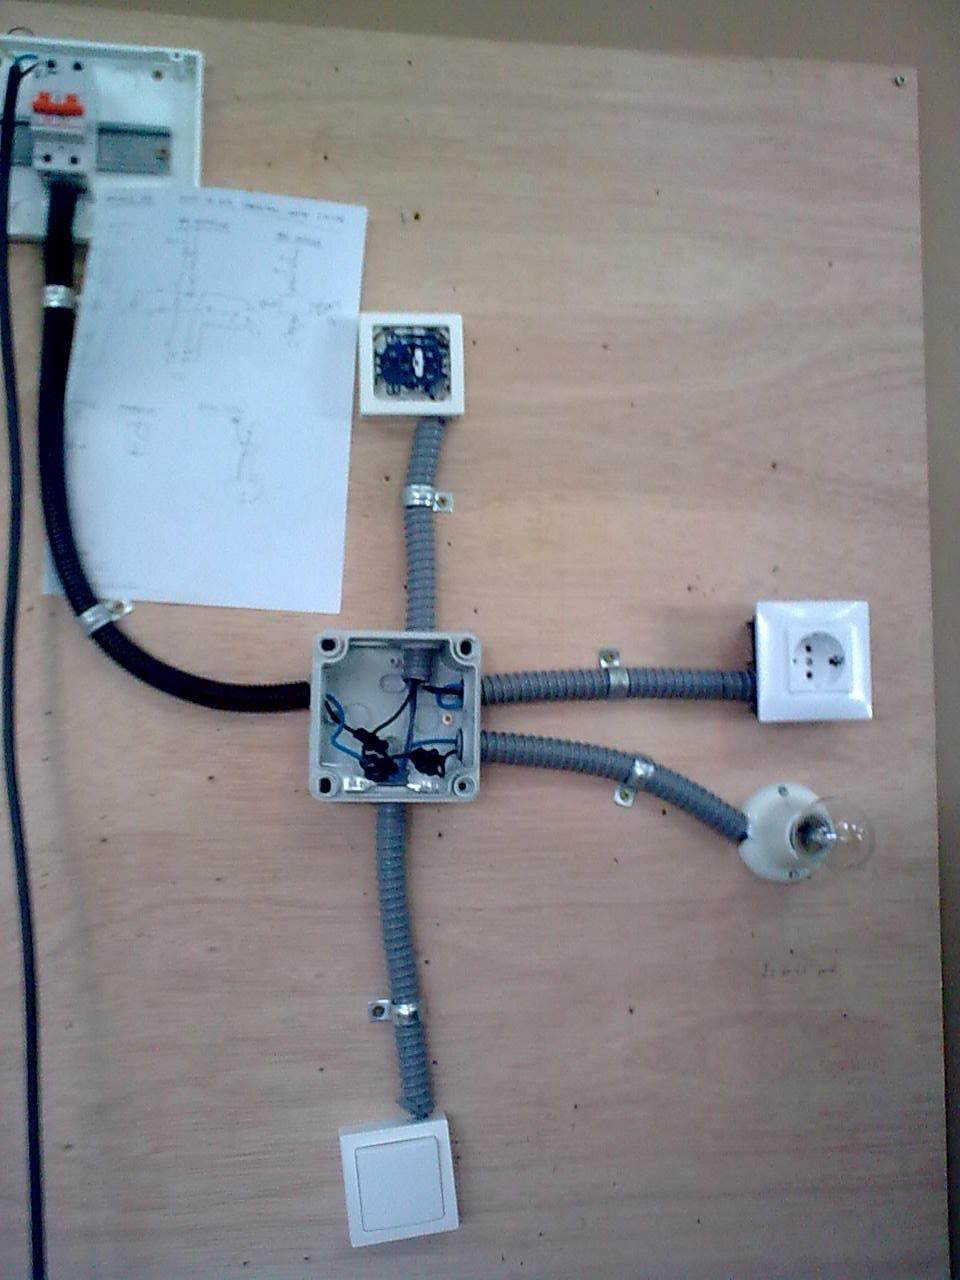 Blogepracticas grupo 1 practica 10 de ele punto de luz - Conmutador de luz ...